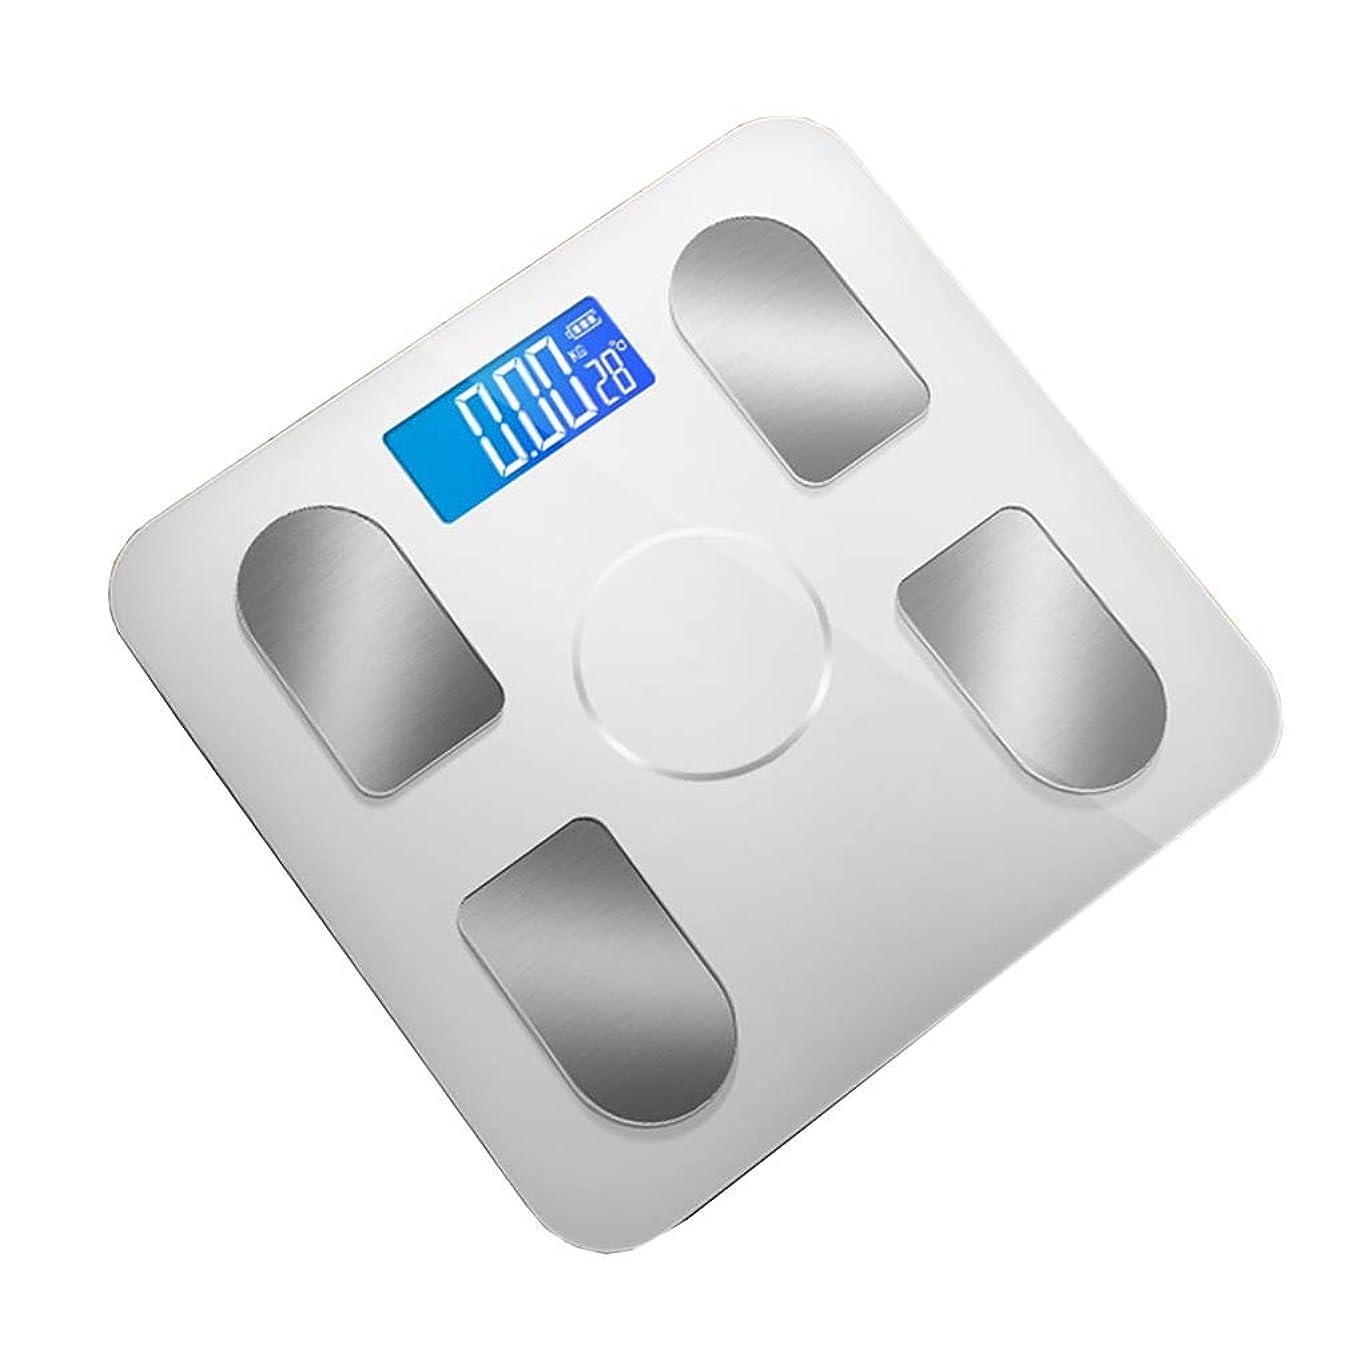 接地お肉翻訳する体重計 高精度デジタルバスルームスケール体重計ワイドテンパーガラスプラットフォームステップオンテクノロジー180kg容量ホワイト